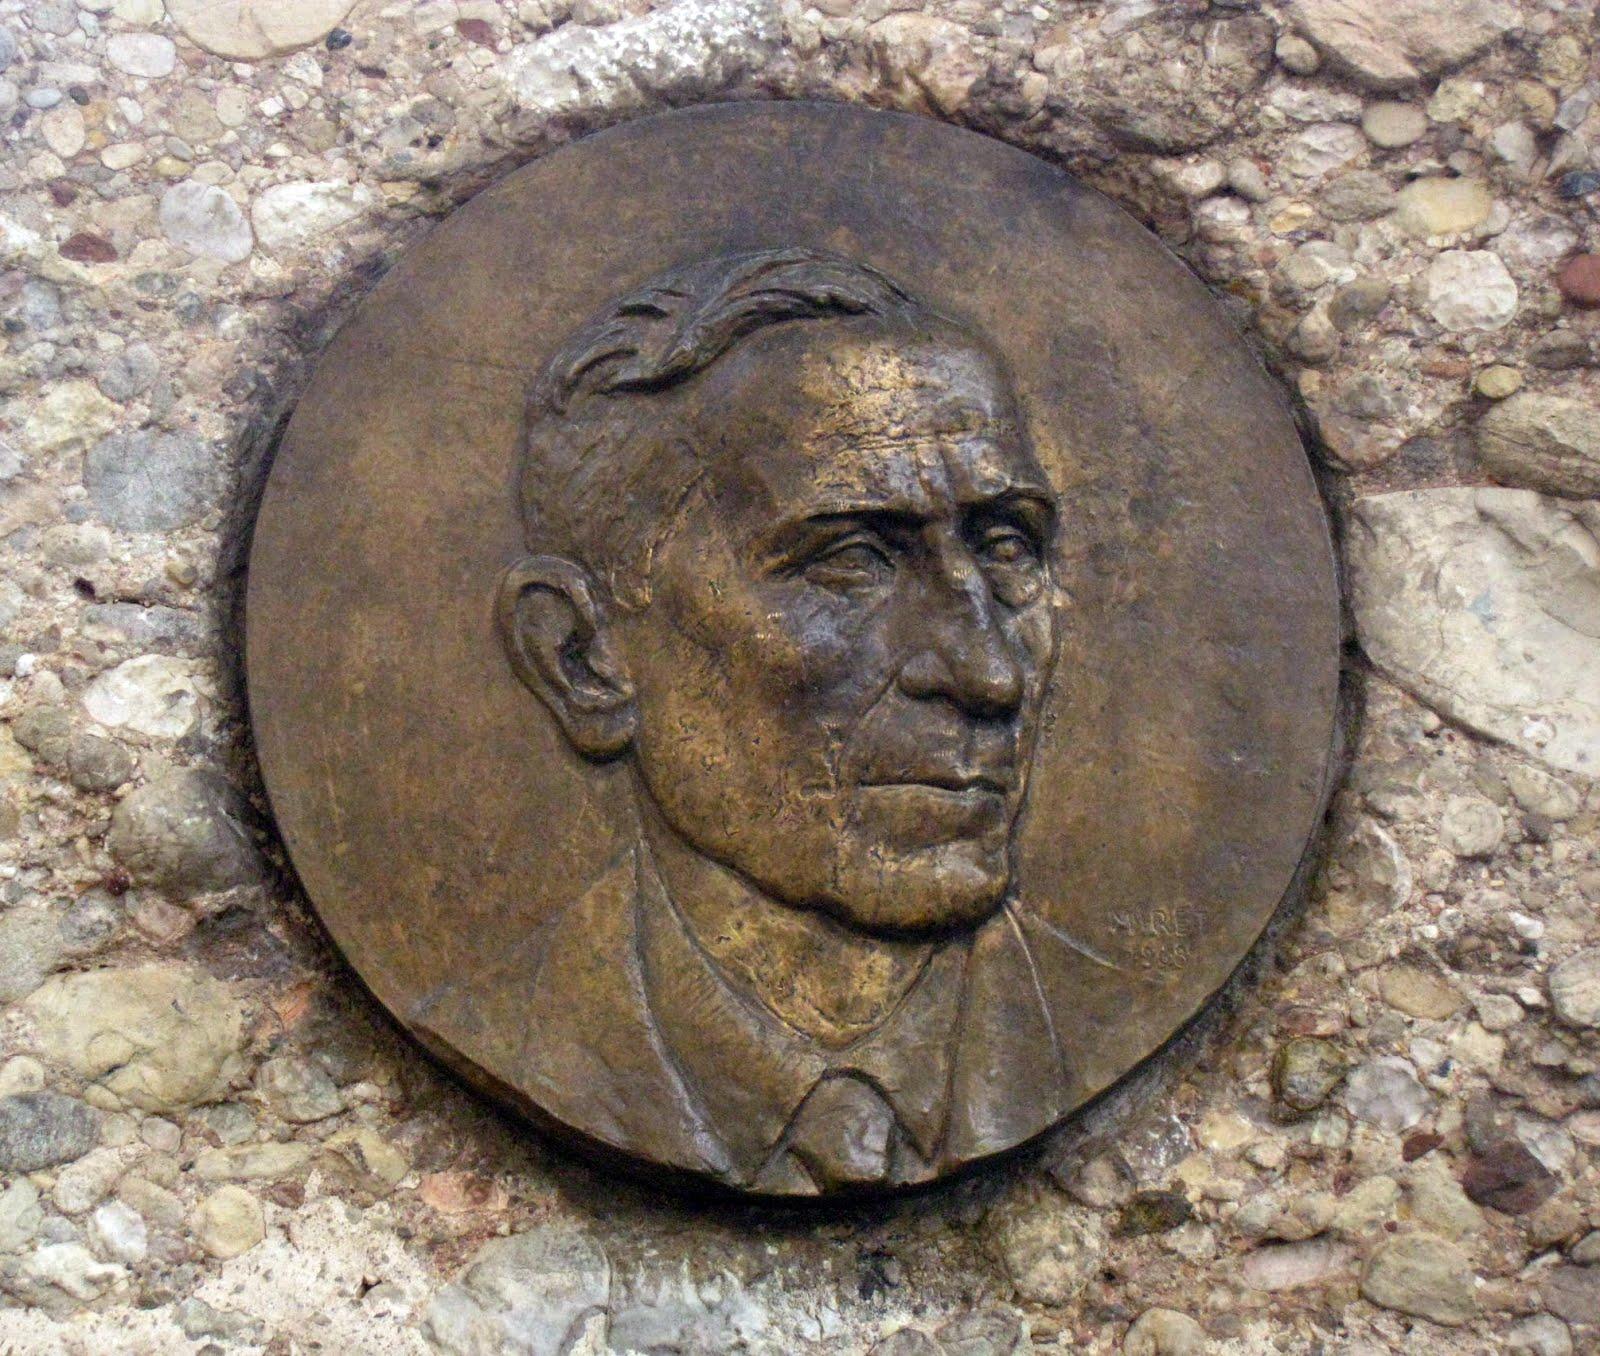 Mapa dels medallons de Pompeu Fabra